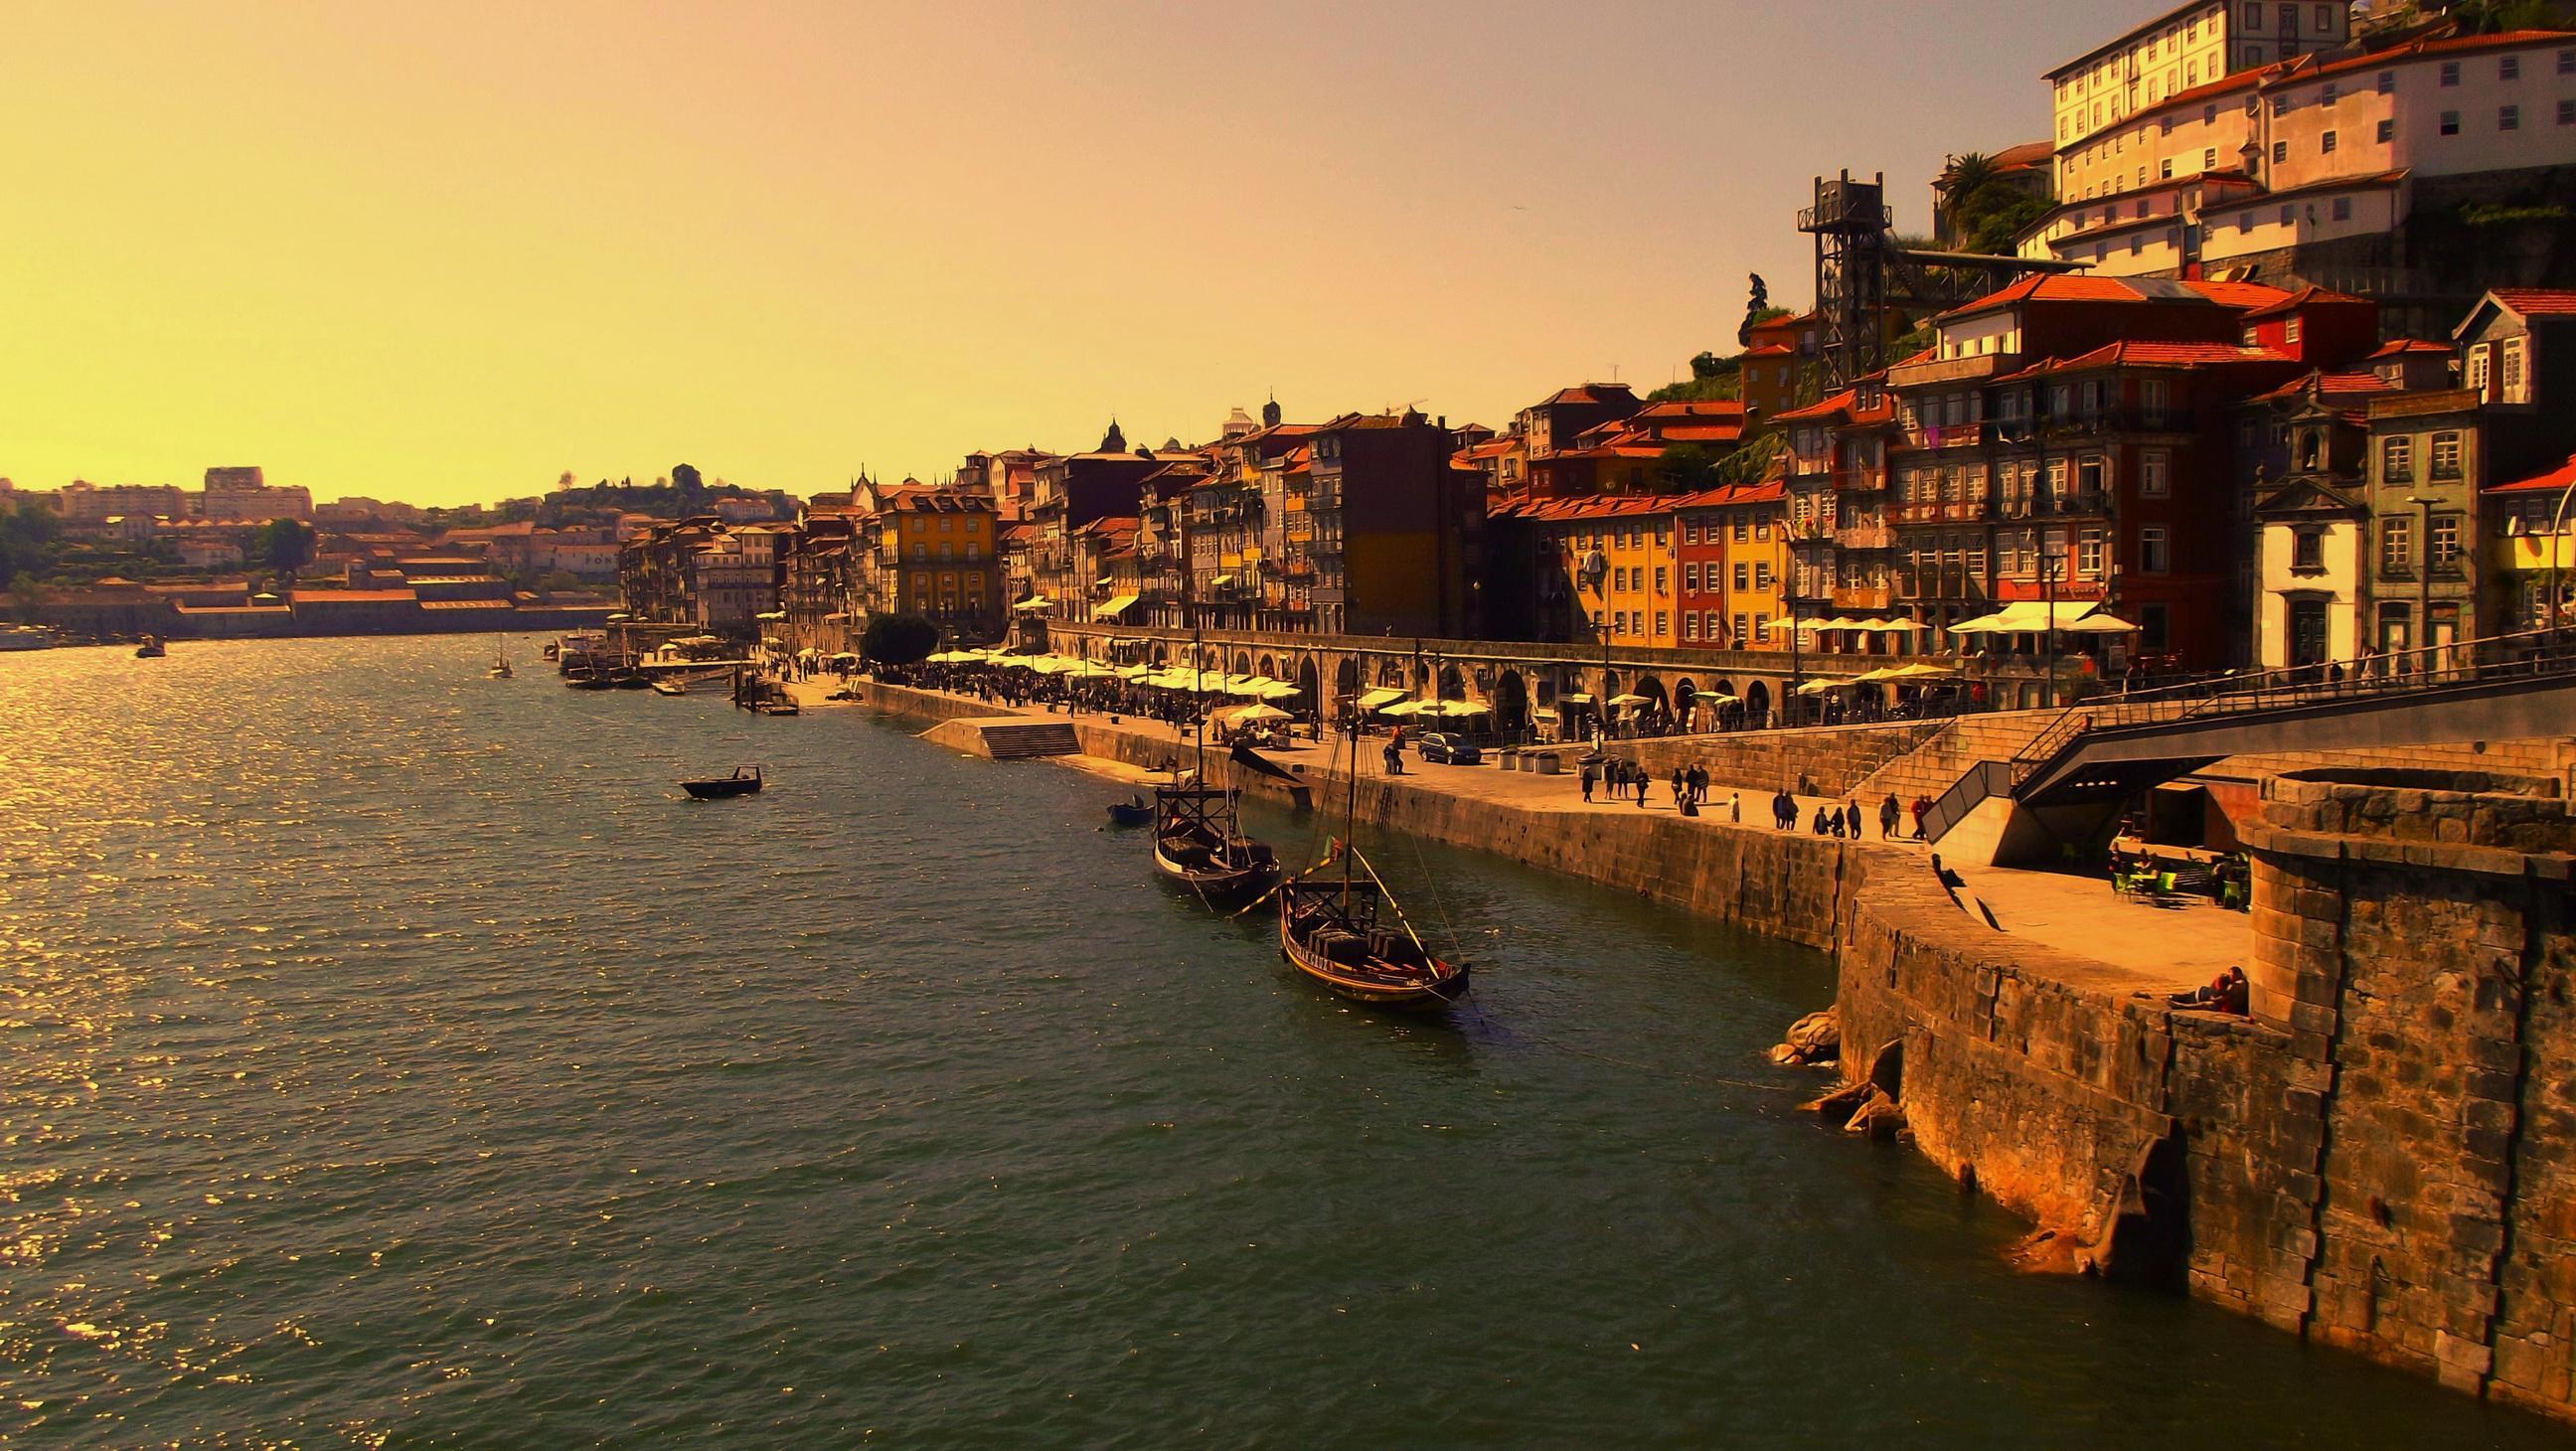 Travessia do Douro, livrarias, azulejos celestiais e culinária sublime. Isto é o Porto.